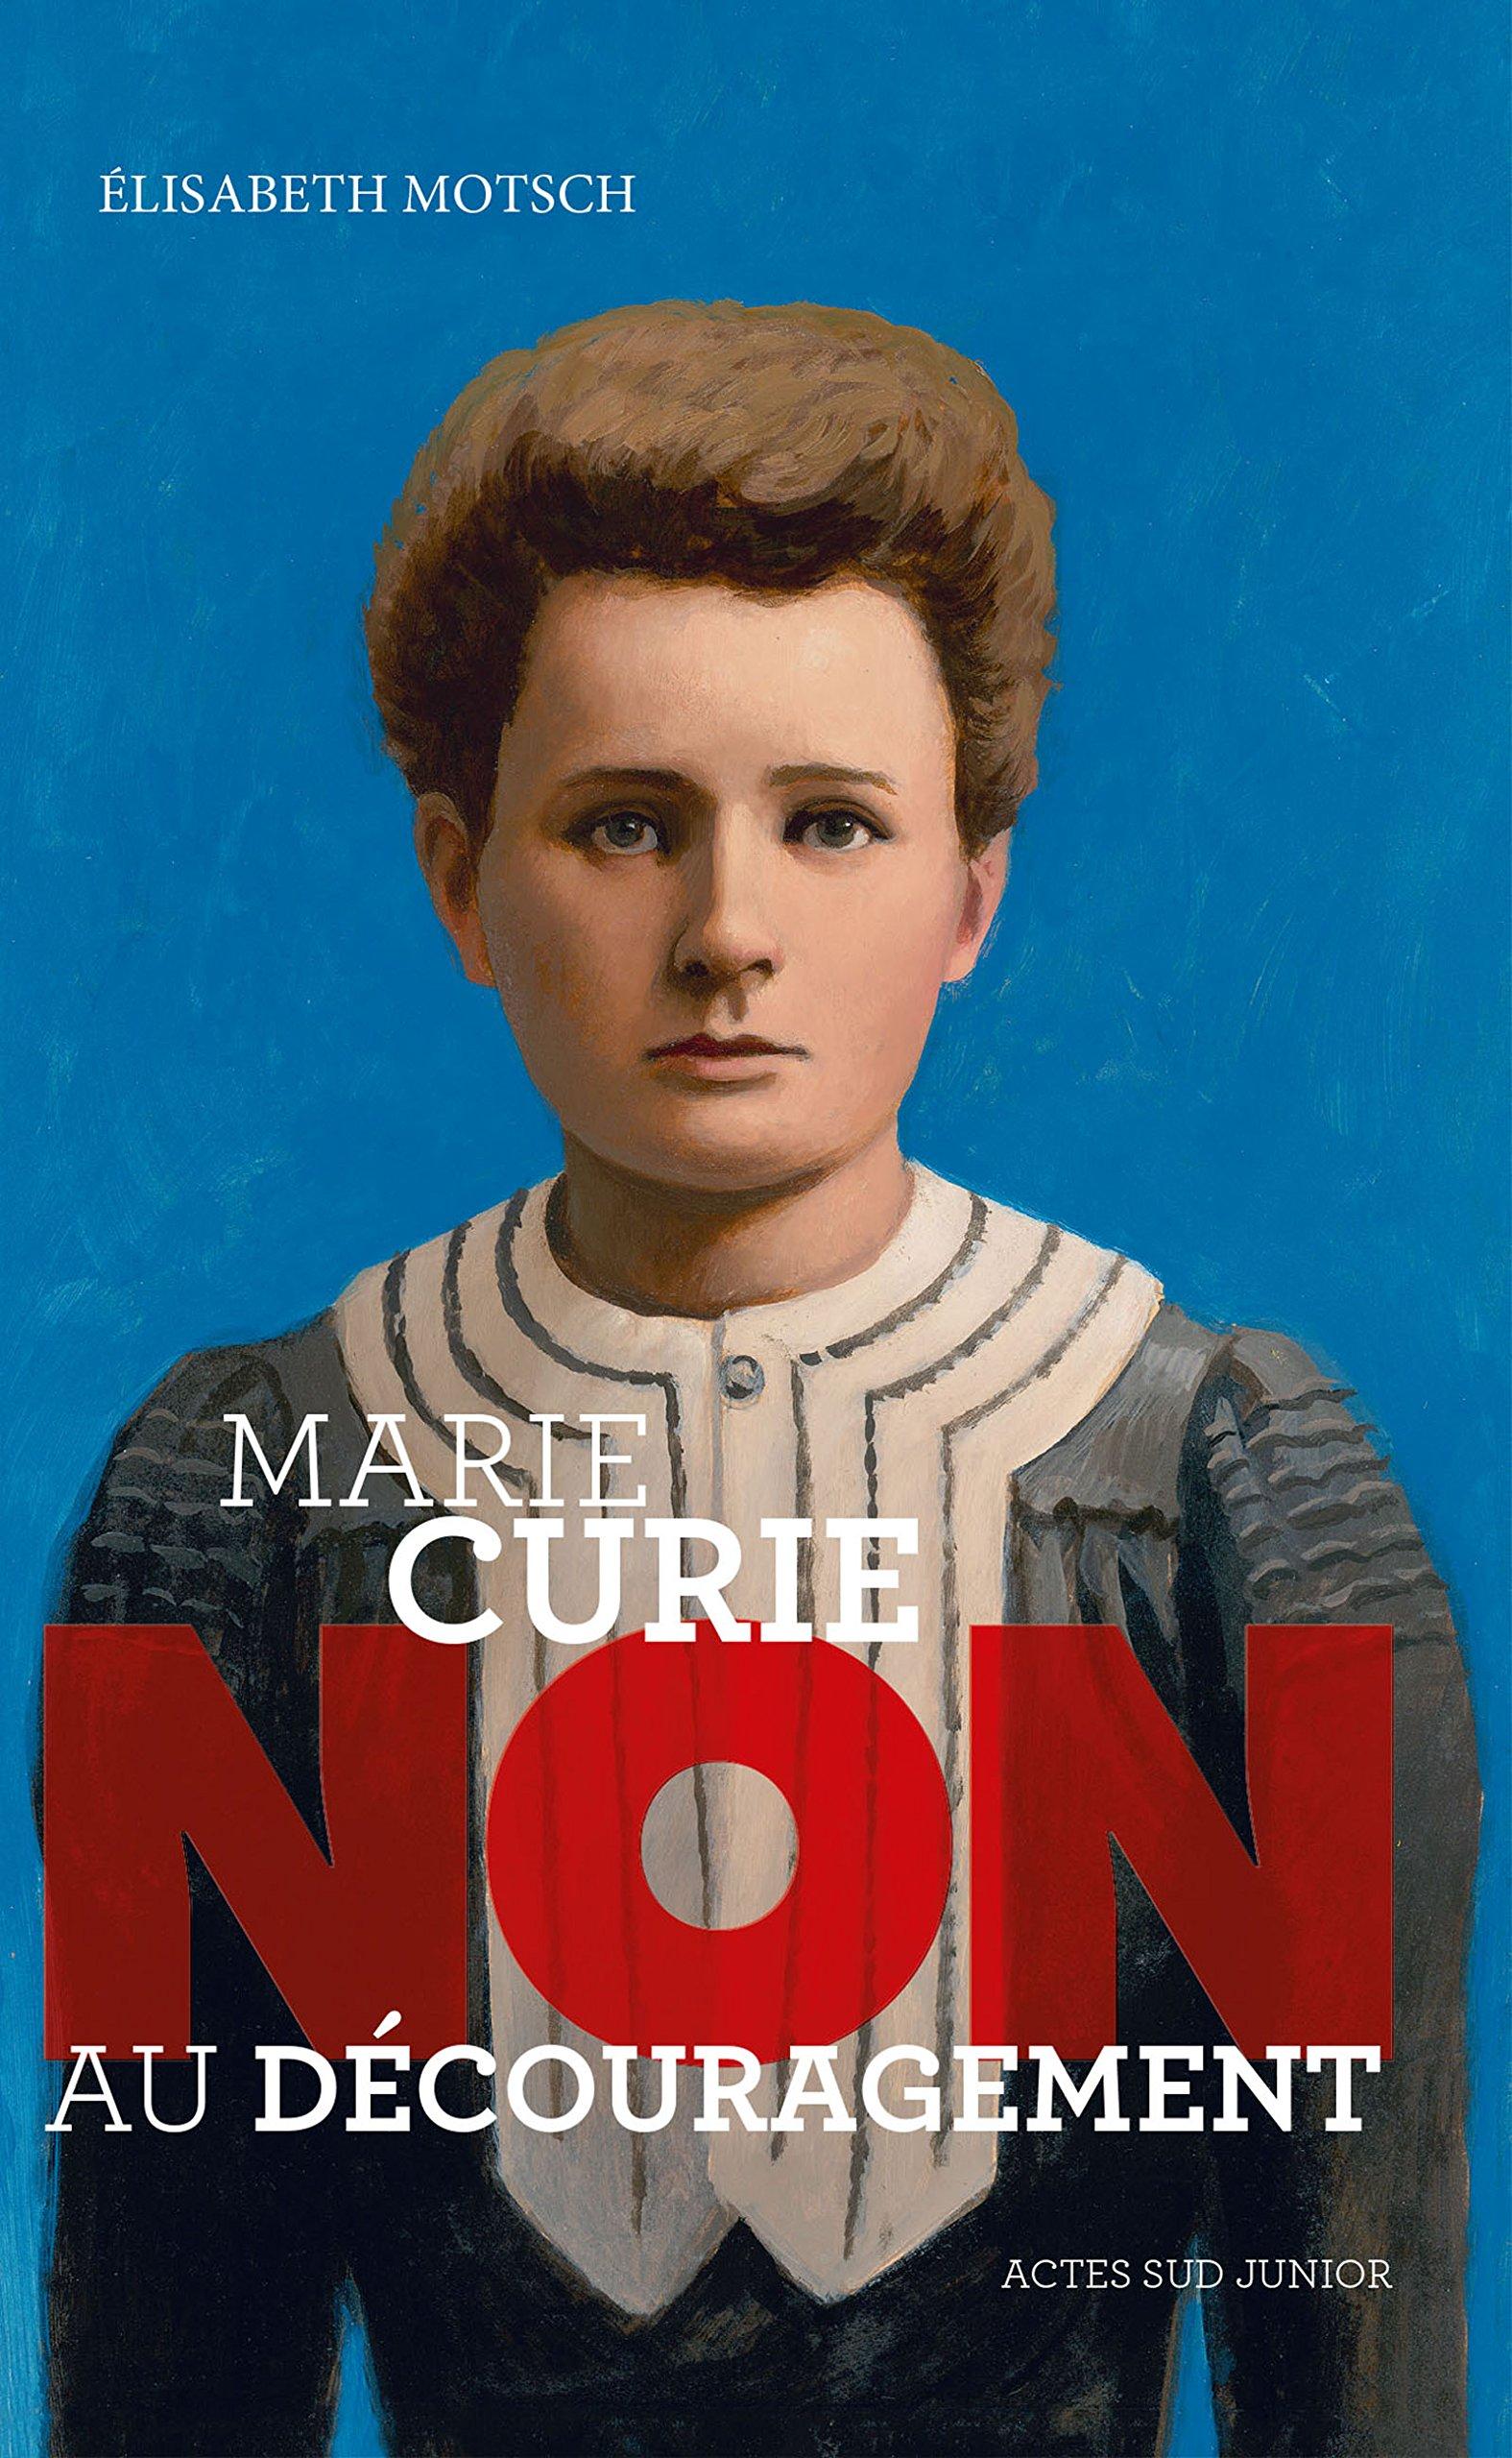 Marie Curie : Non au découragement (Ceux qui ont dit non)